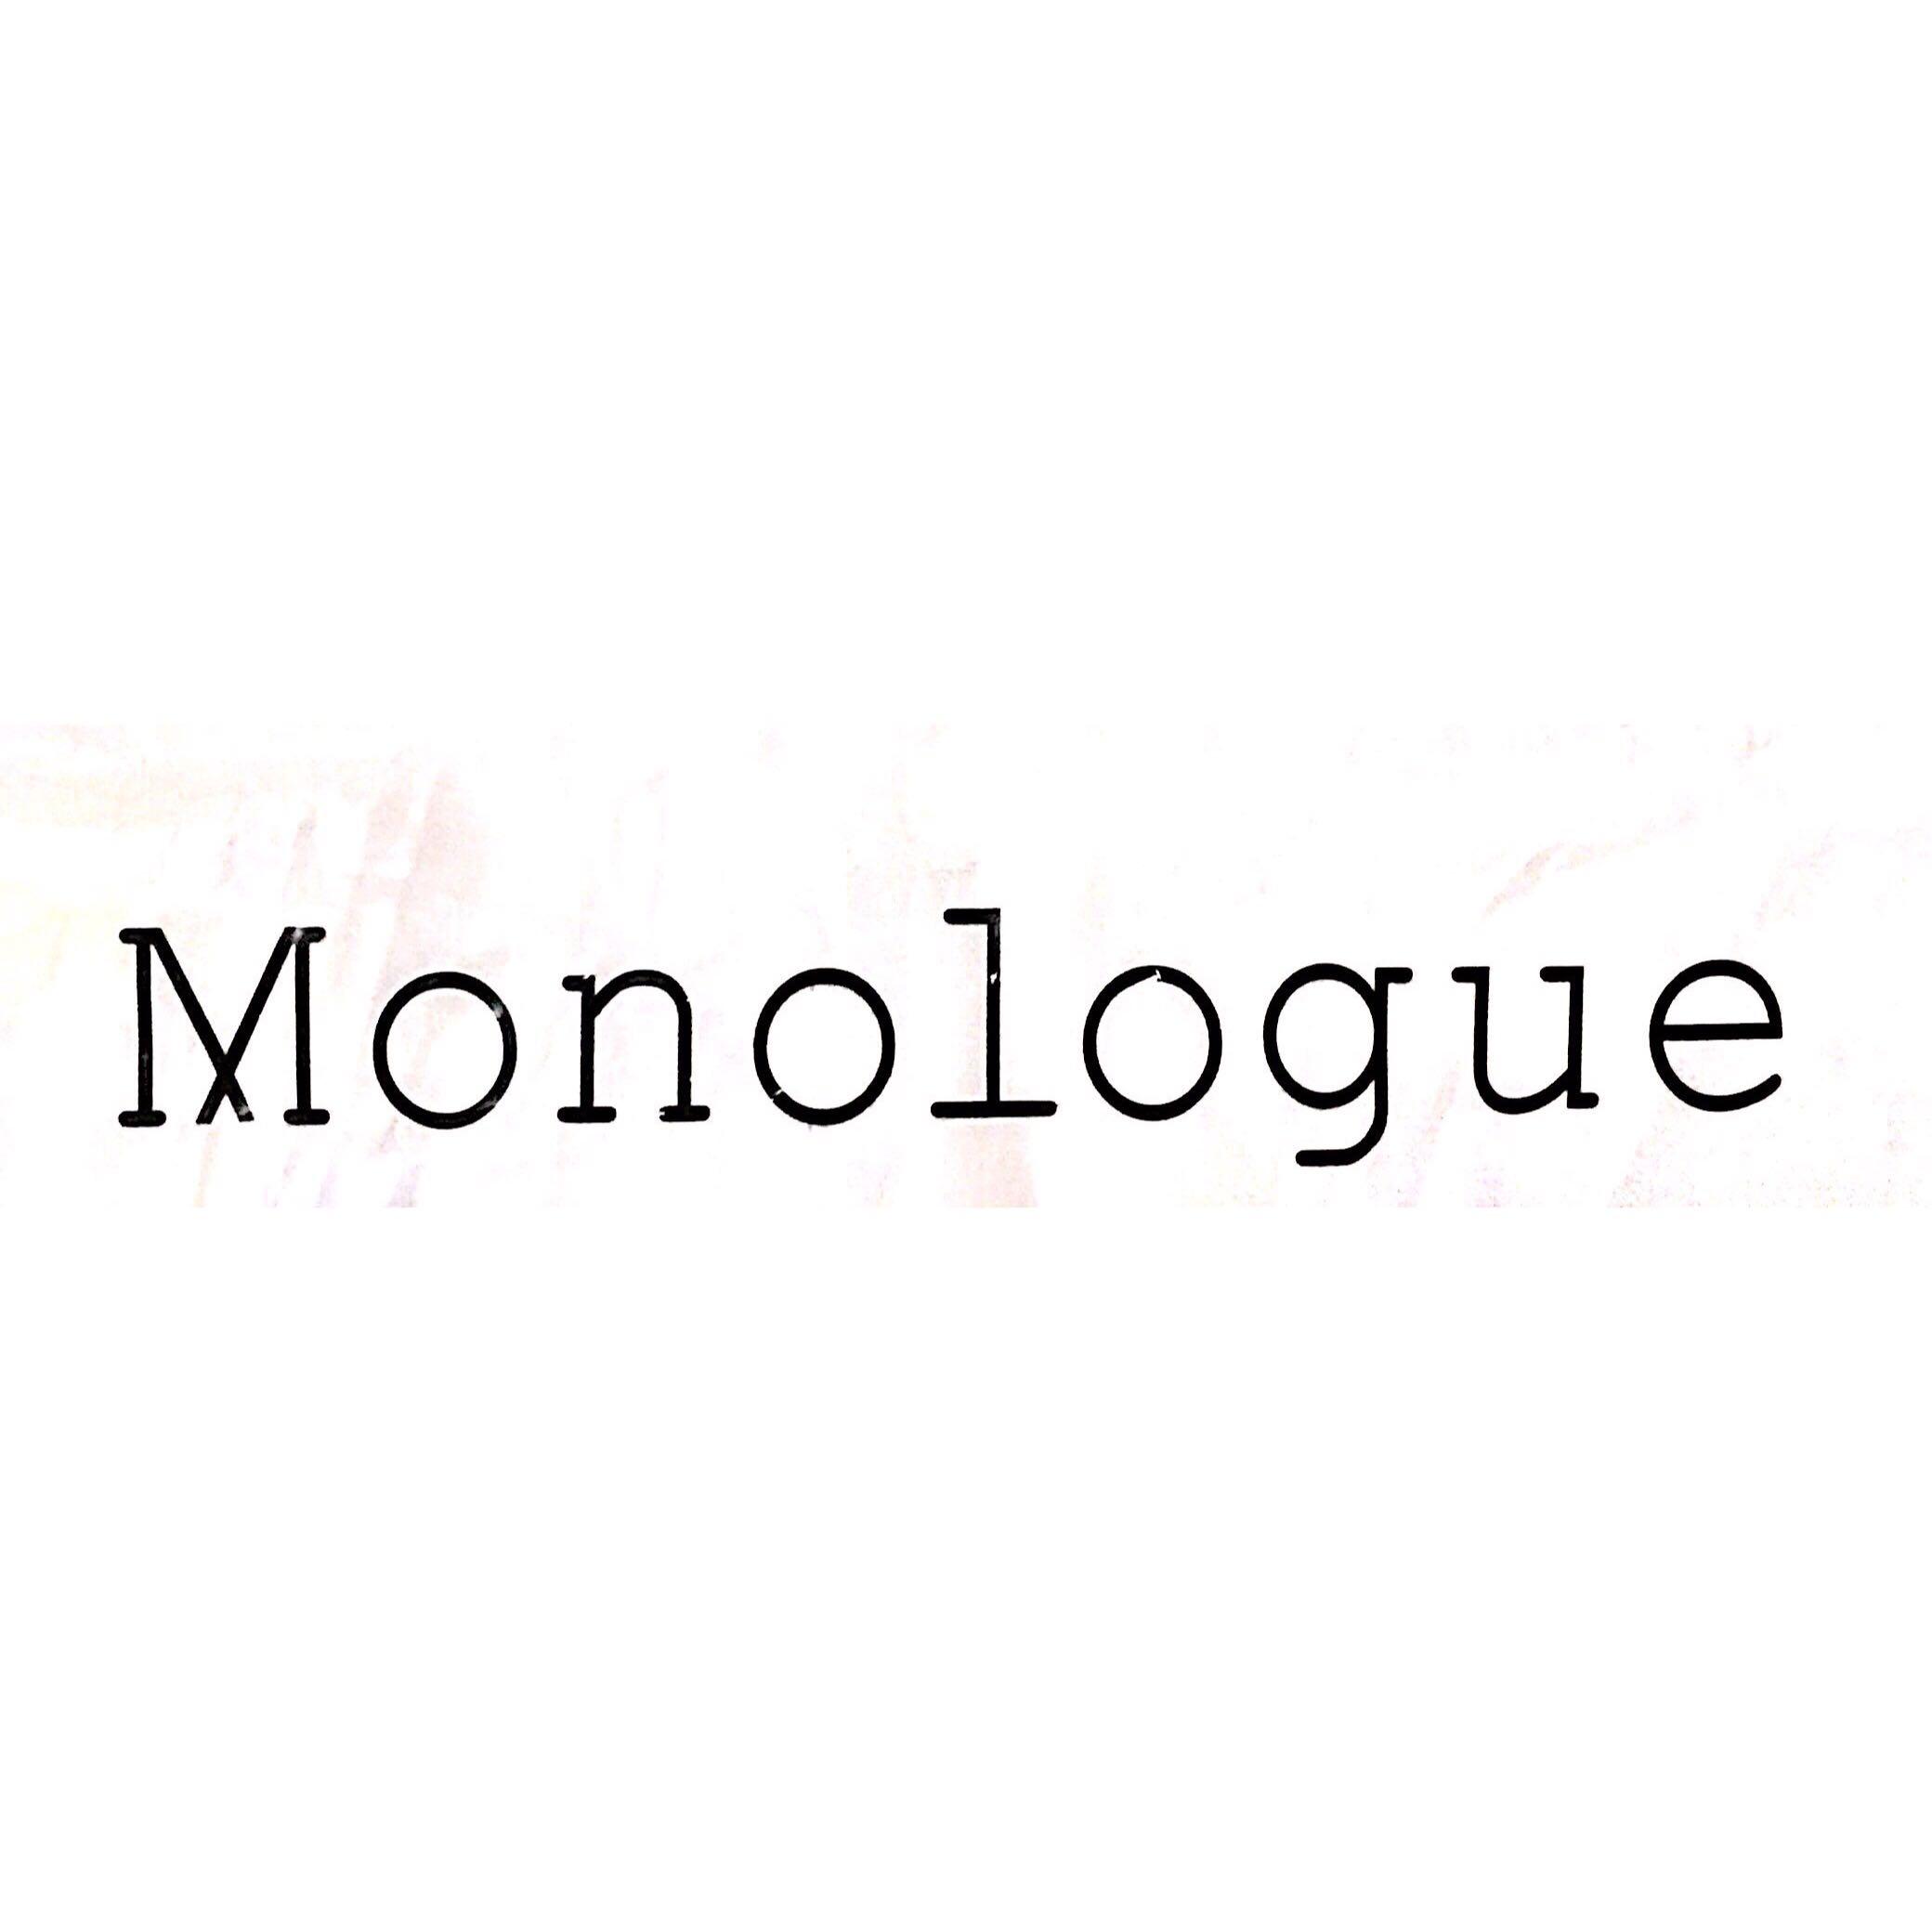 _monologue